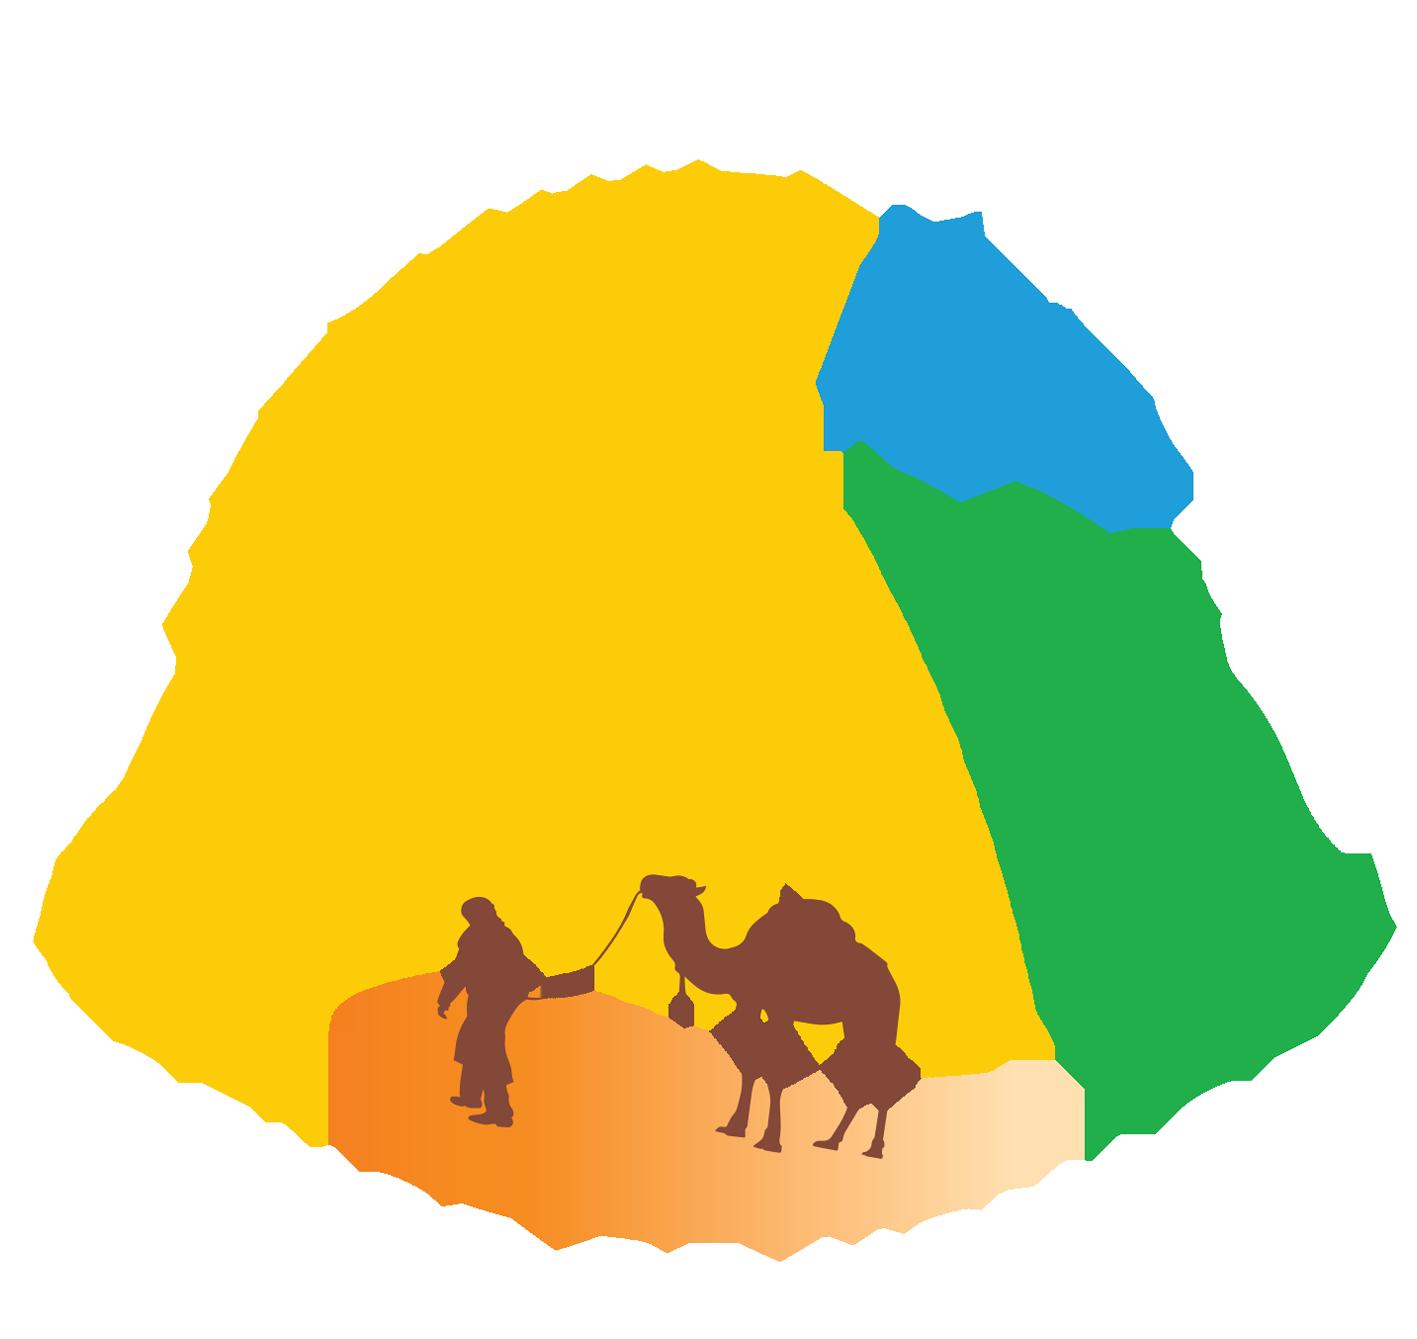 Treecamelitour